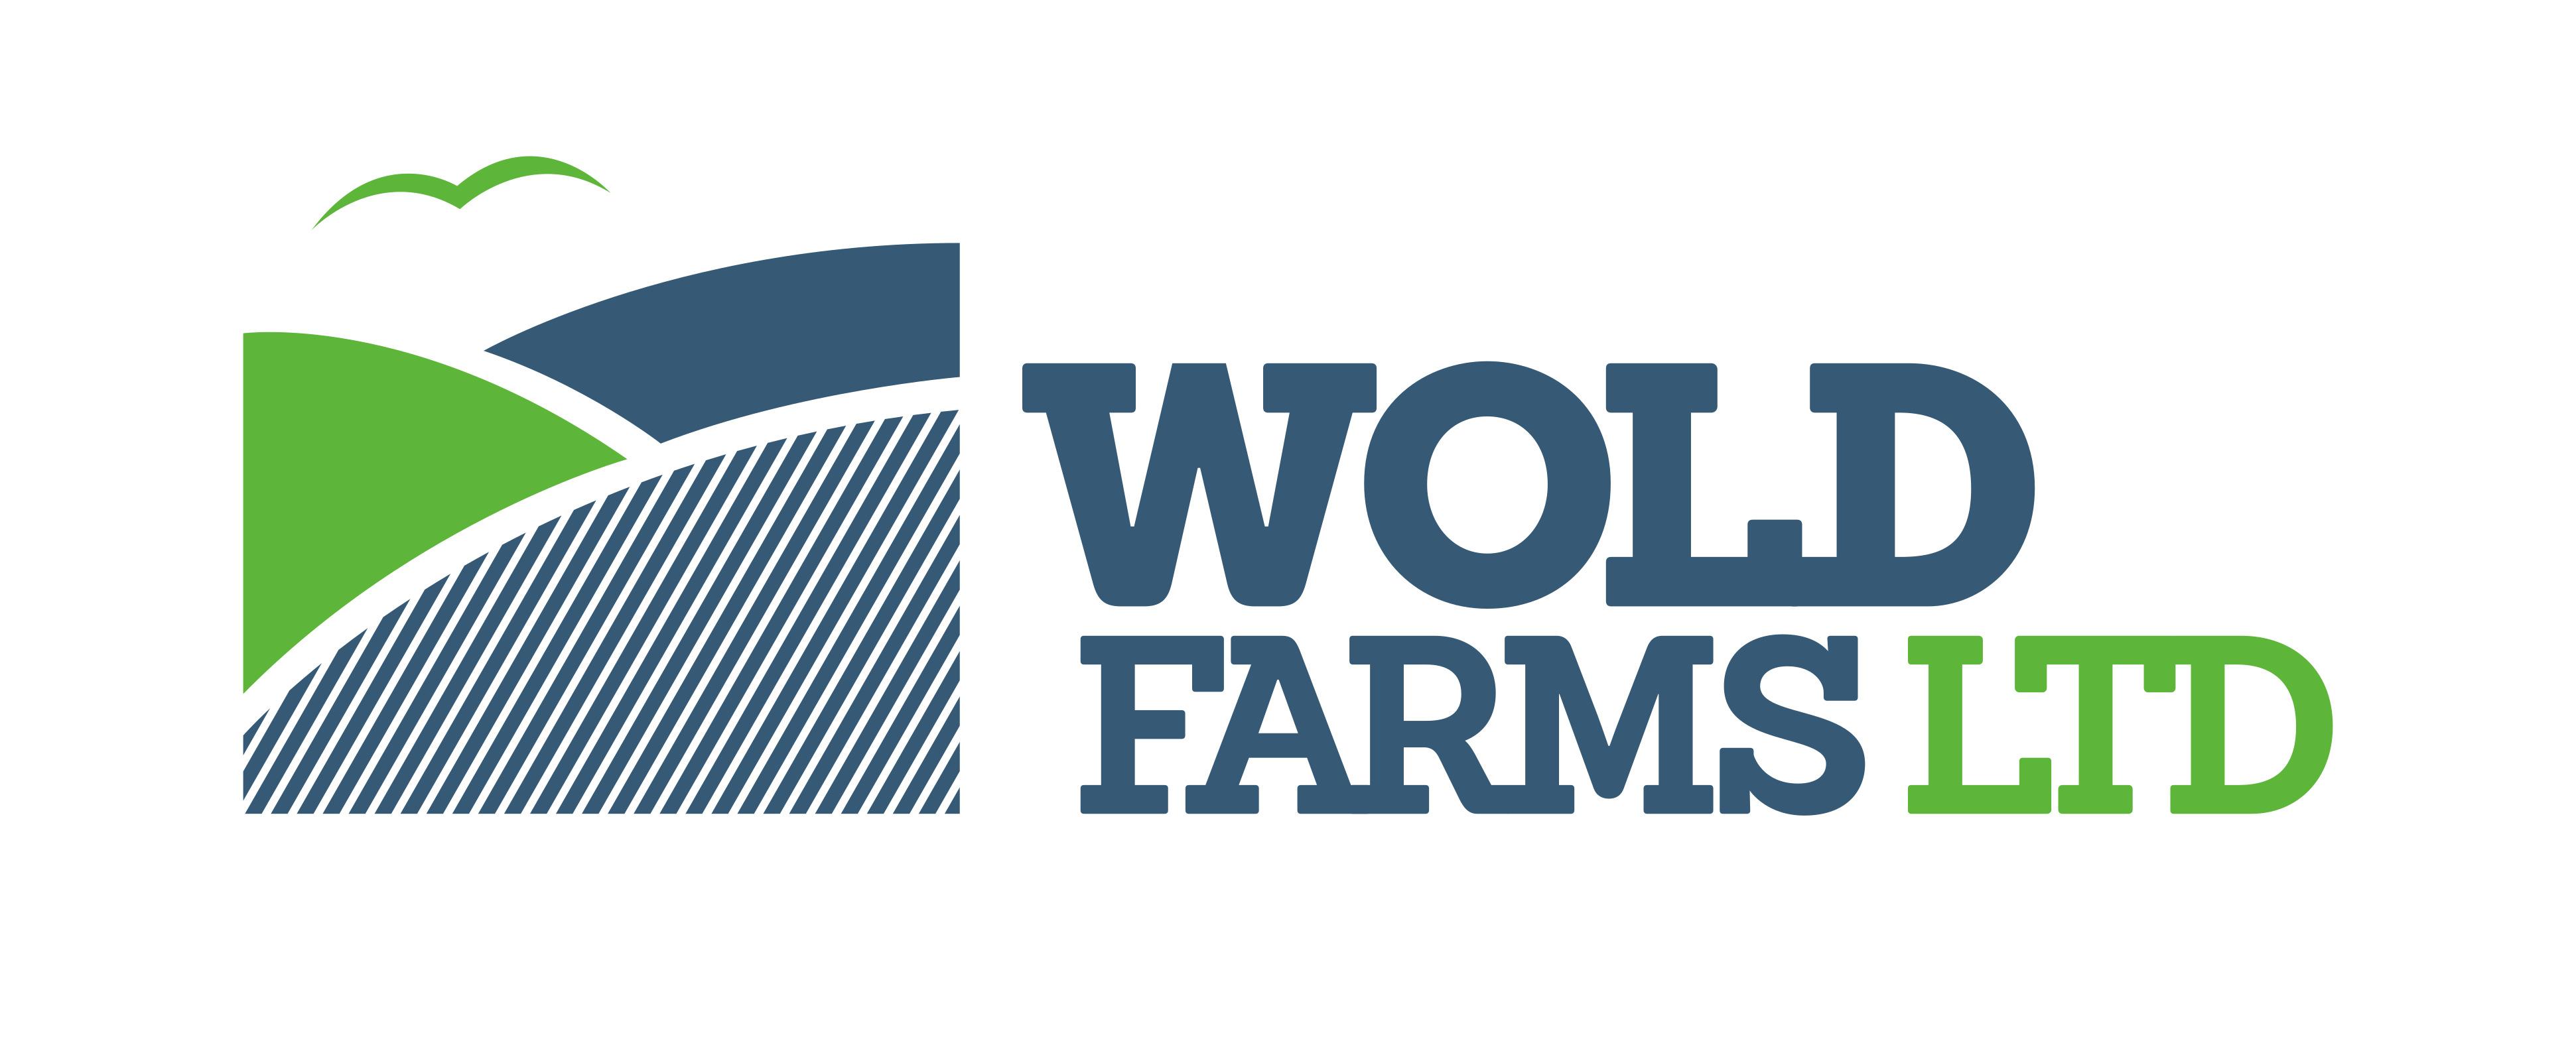 Wold Farms Ltd